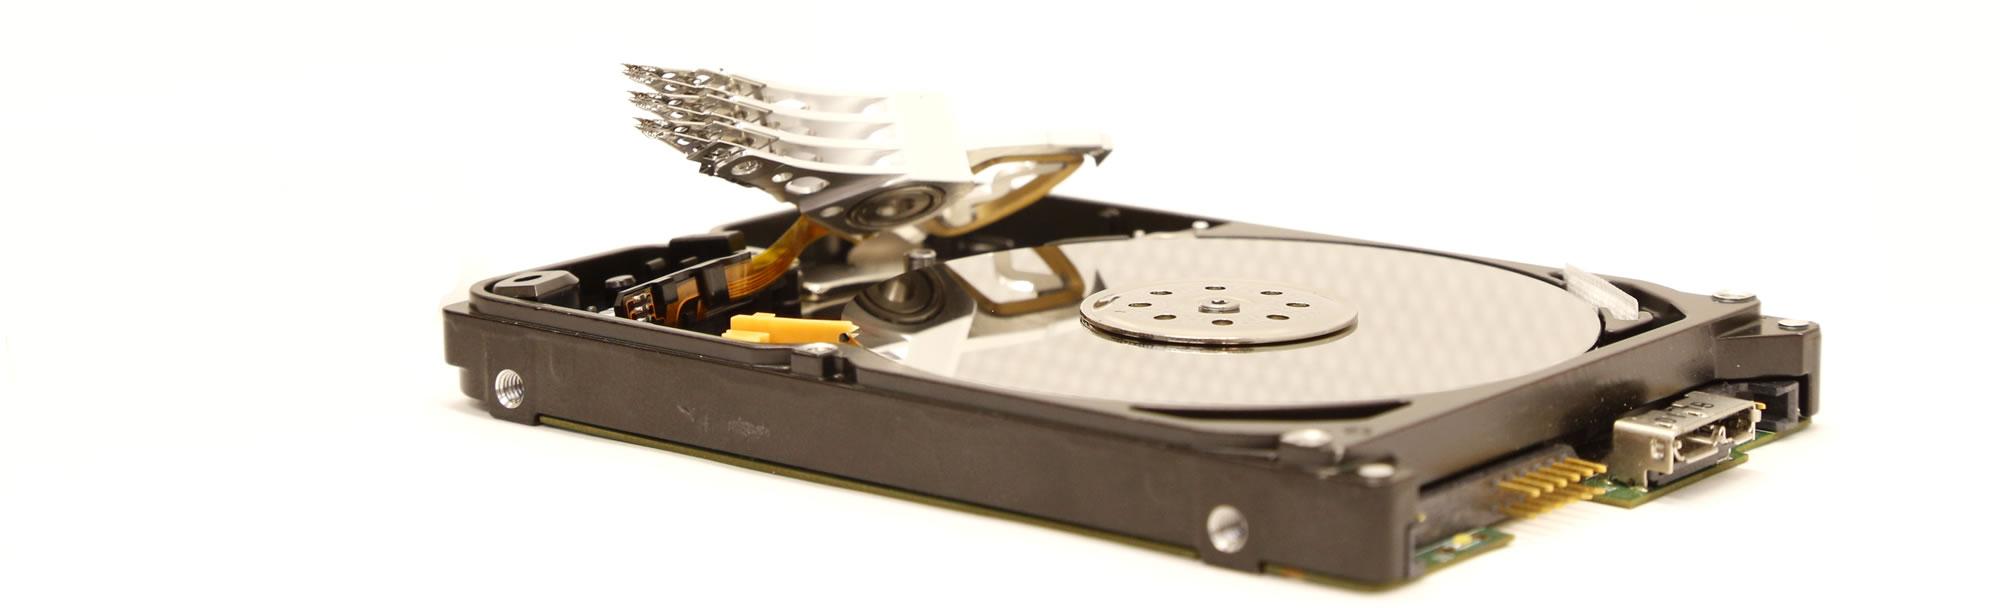 datenrettung-festplatte-reinraum-austausch-schreiblesekoepfe-bindig-media